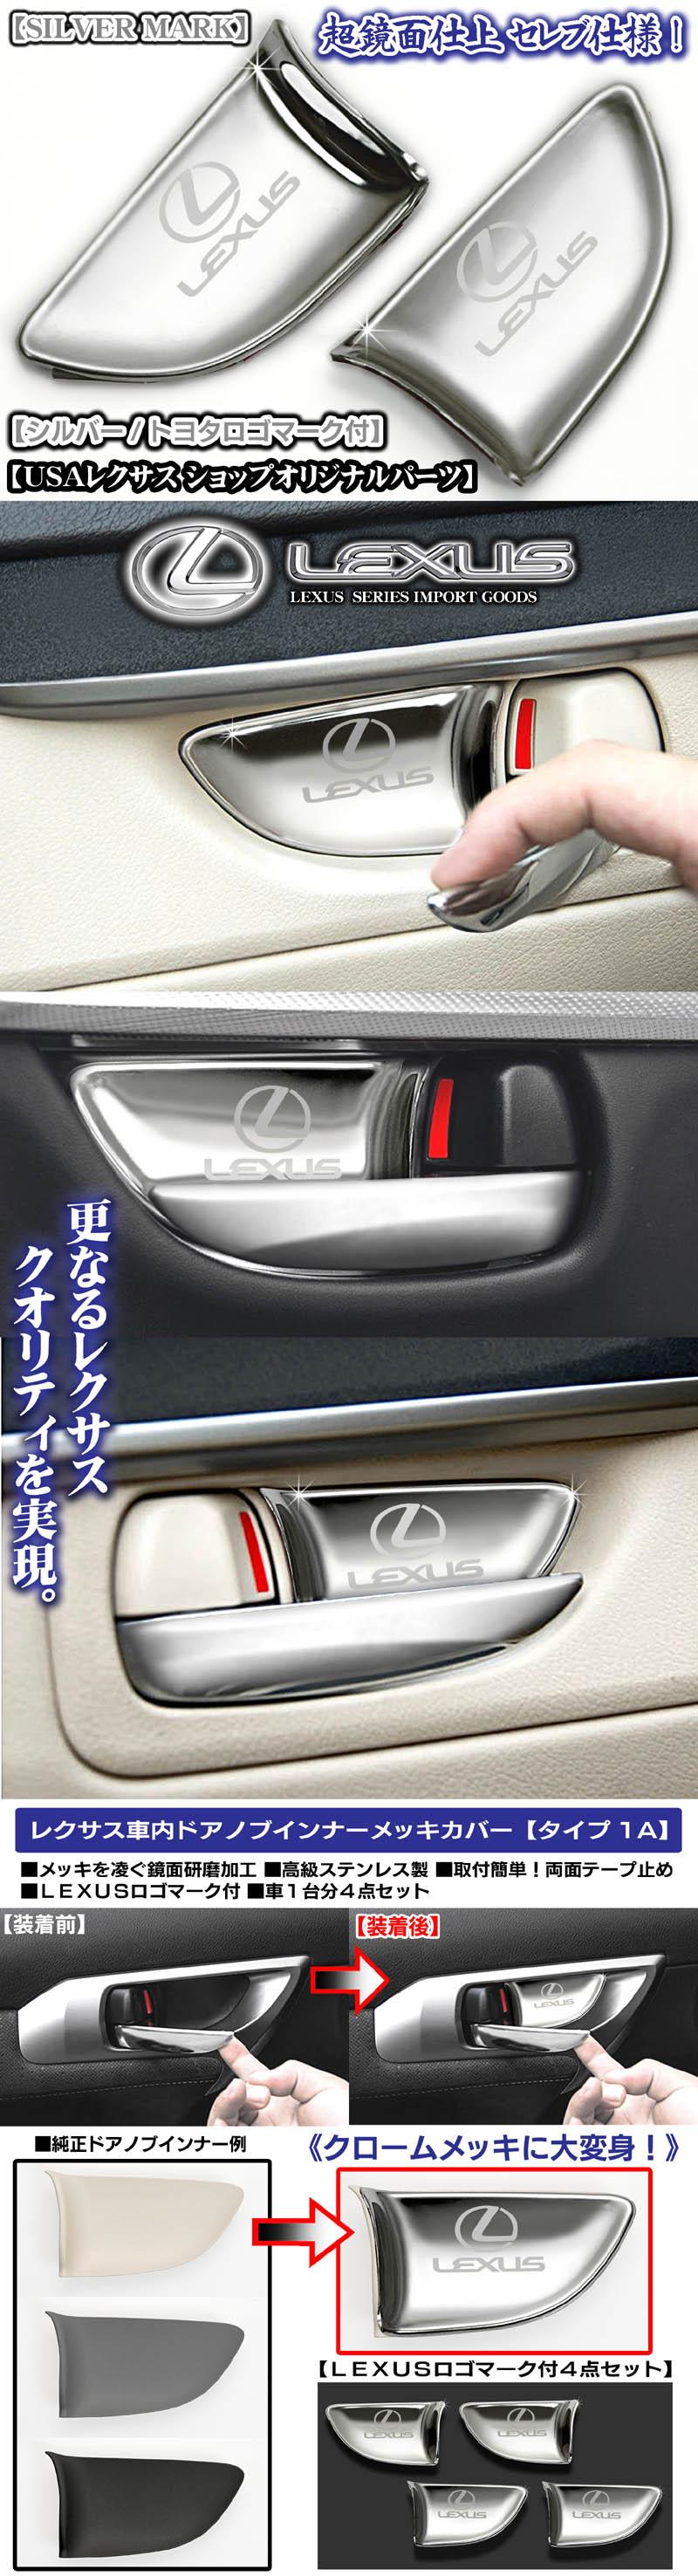 【レクサス汎用LS/GS/IS/HS/CT/NX/RX】シルバー4点セット/車内ドアハンドルノブ メッキインナーカバー[タイプ1A]ブラガ